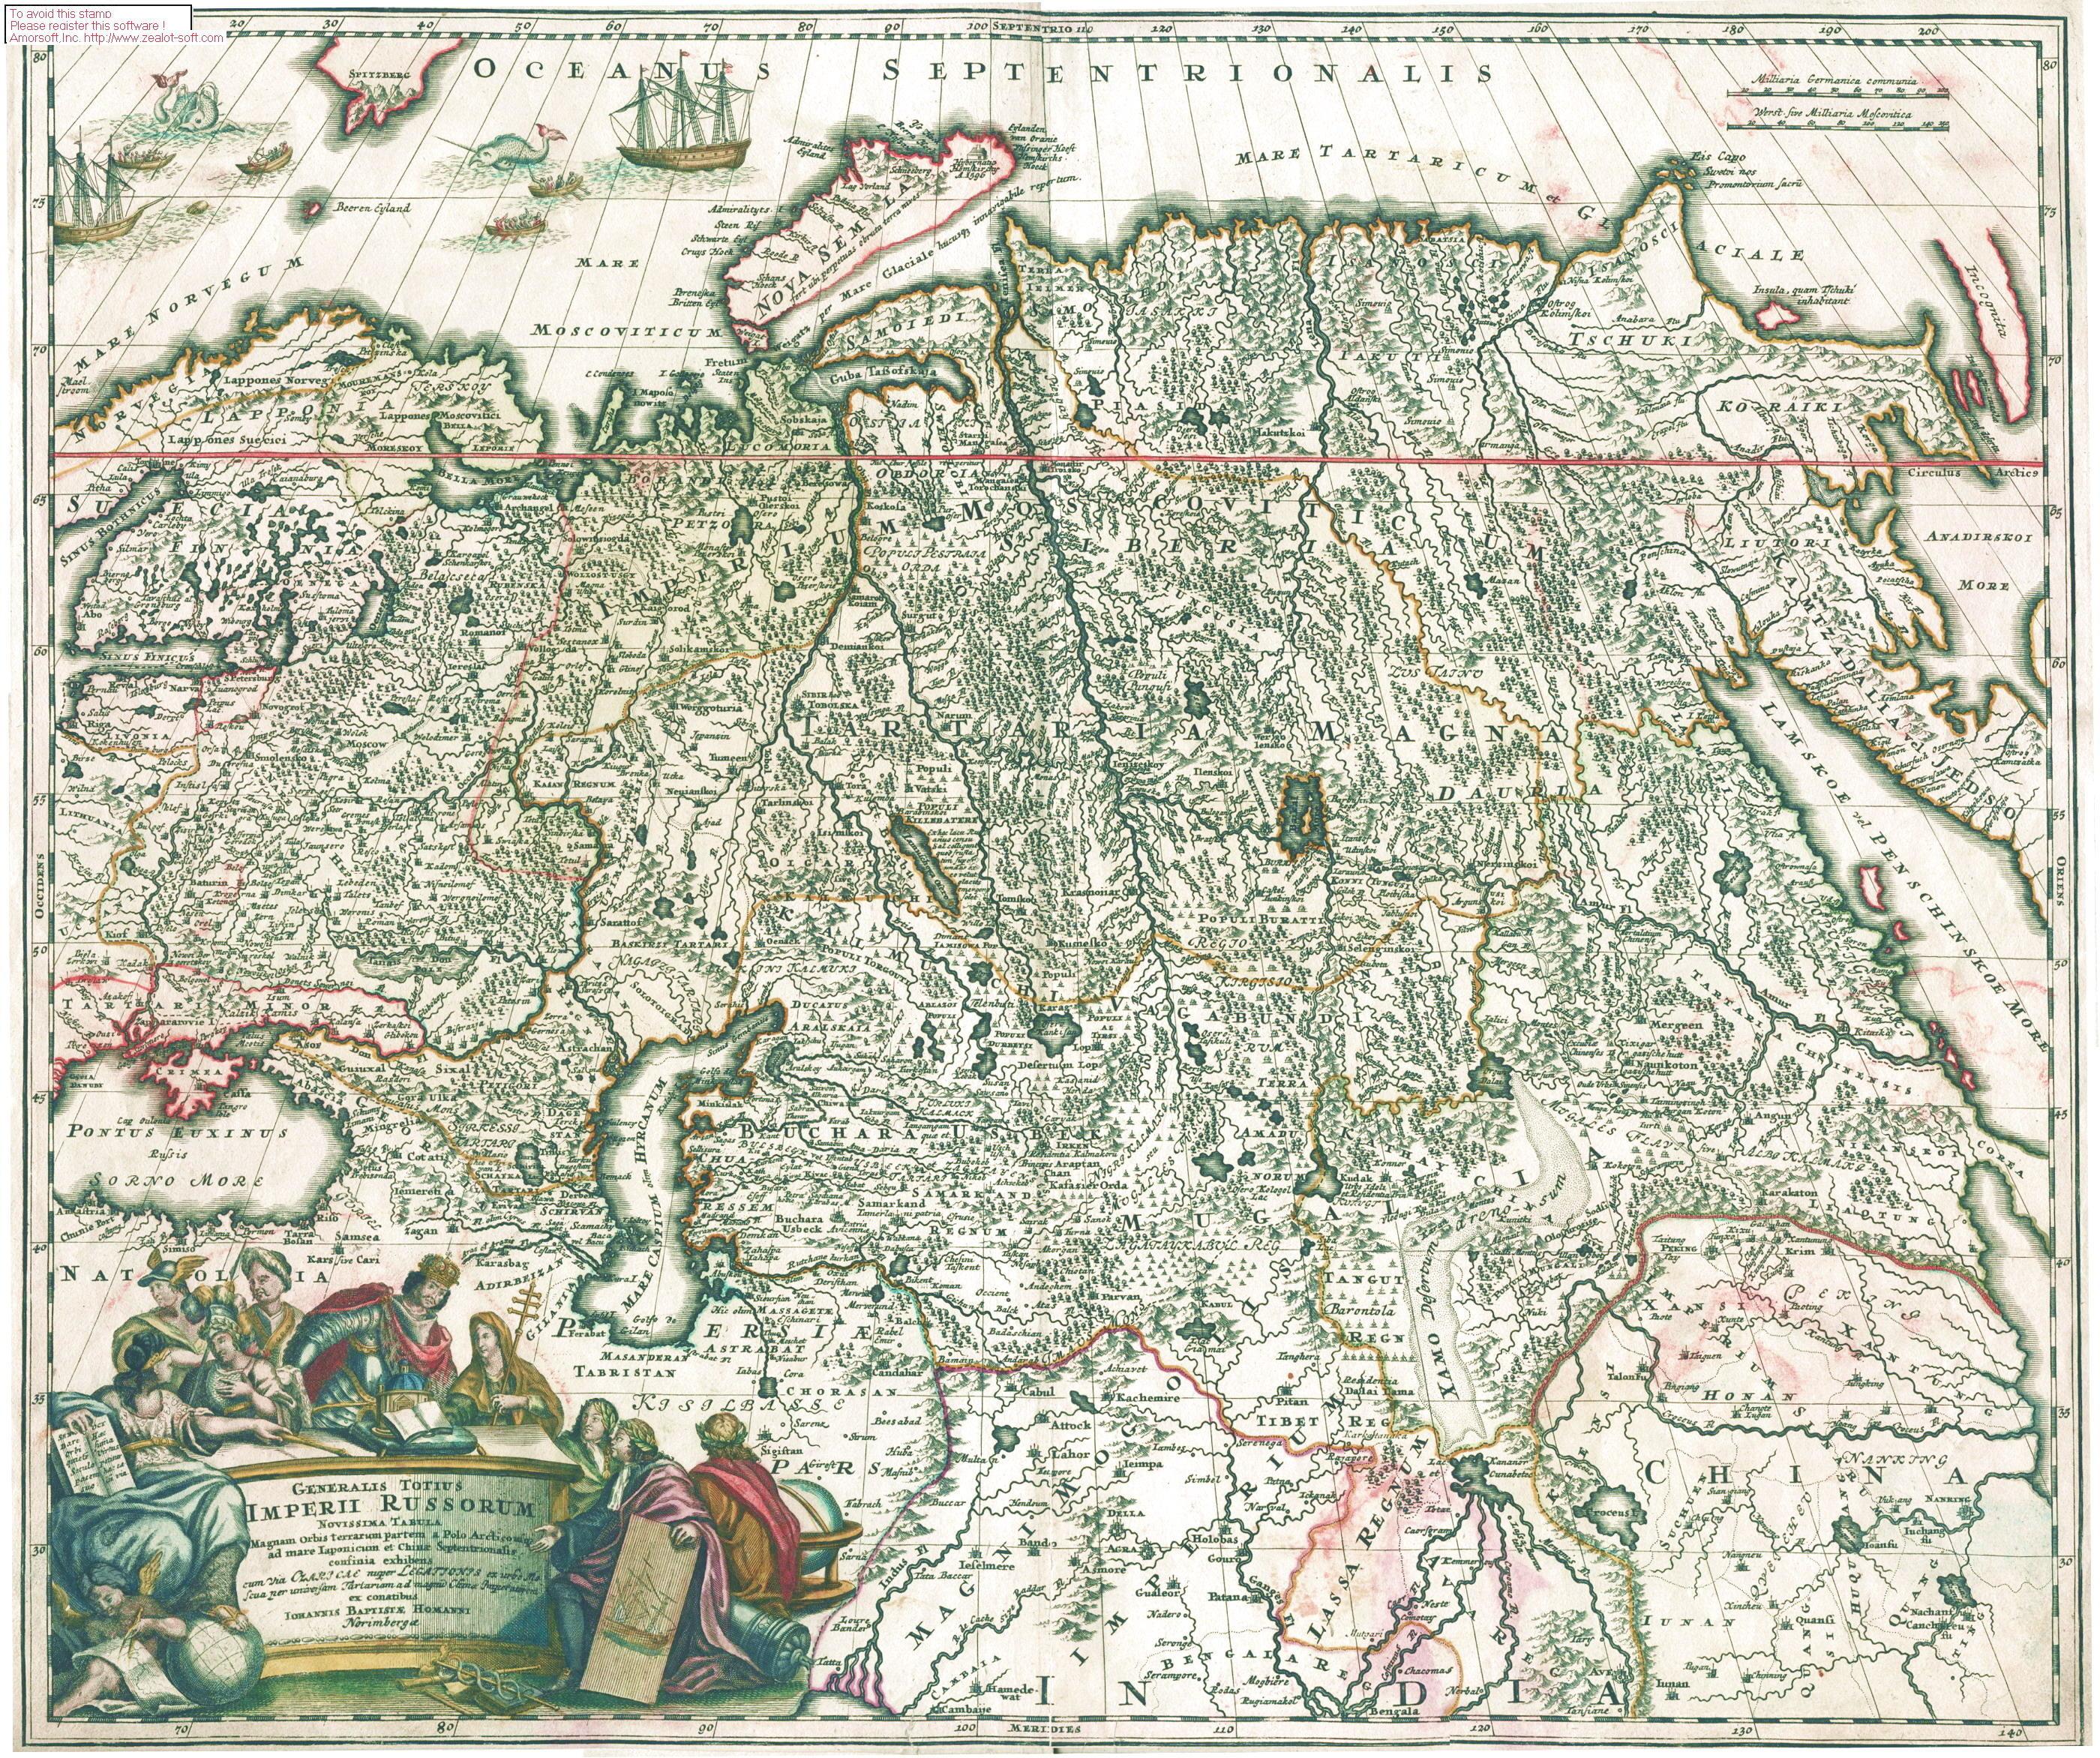 1725 Новейшая Генеральная Карта Великой Российской Империи Иоганна Хоманна отпечатана в Нюрнберге.jpg